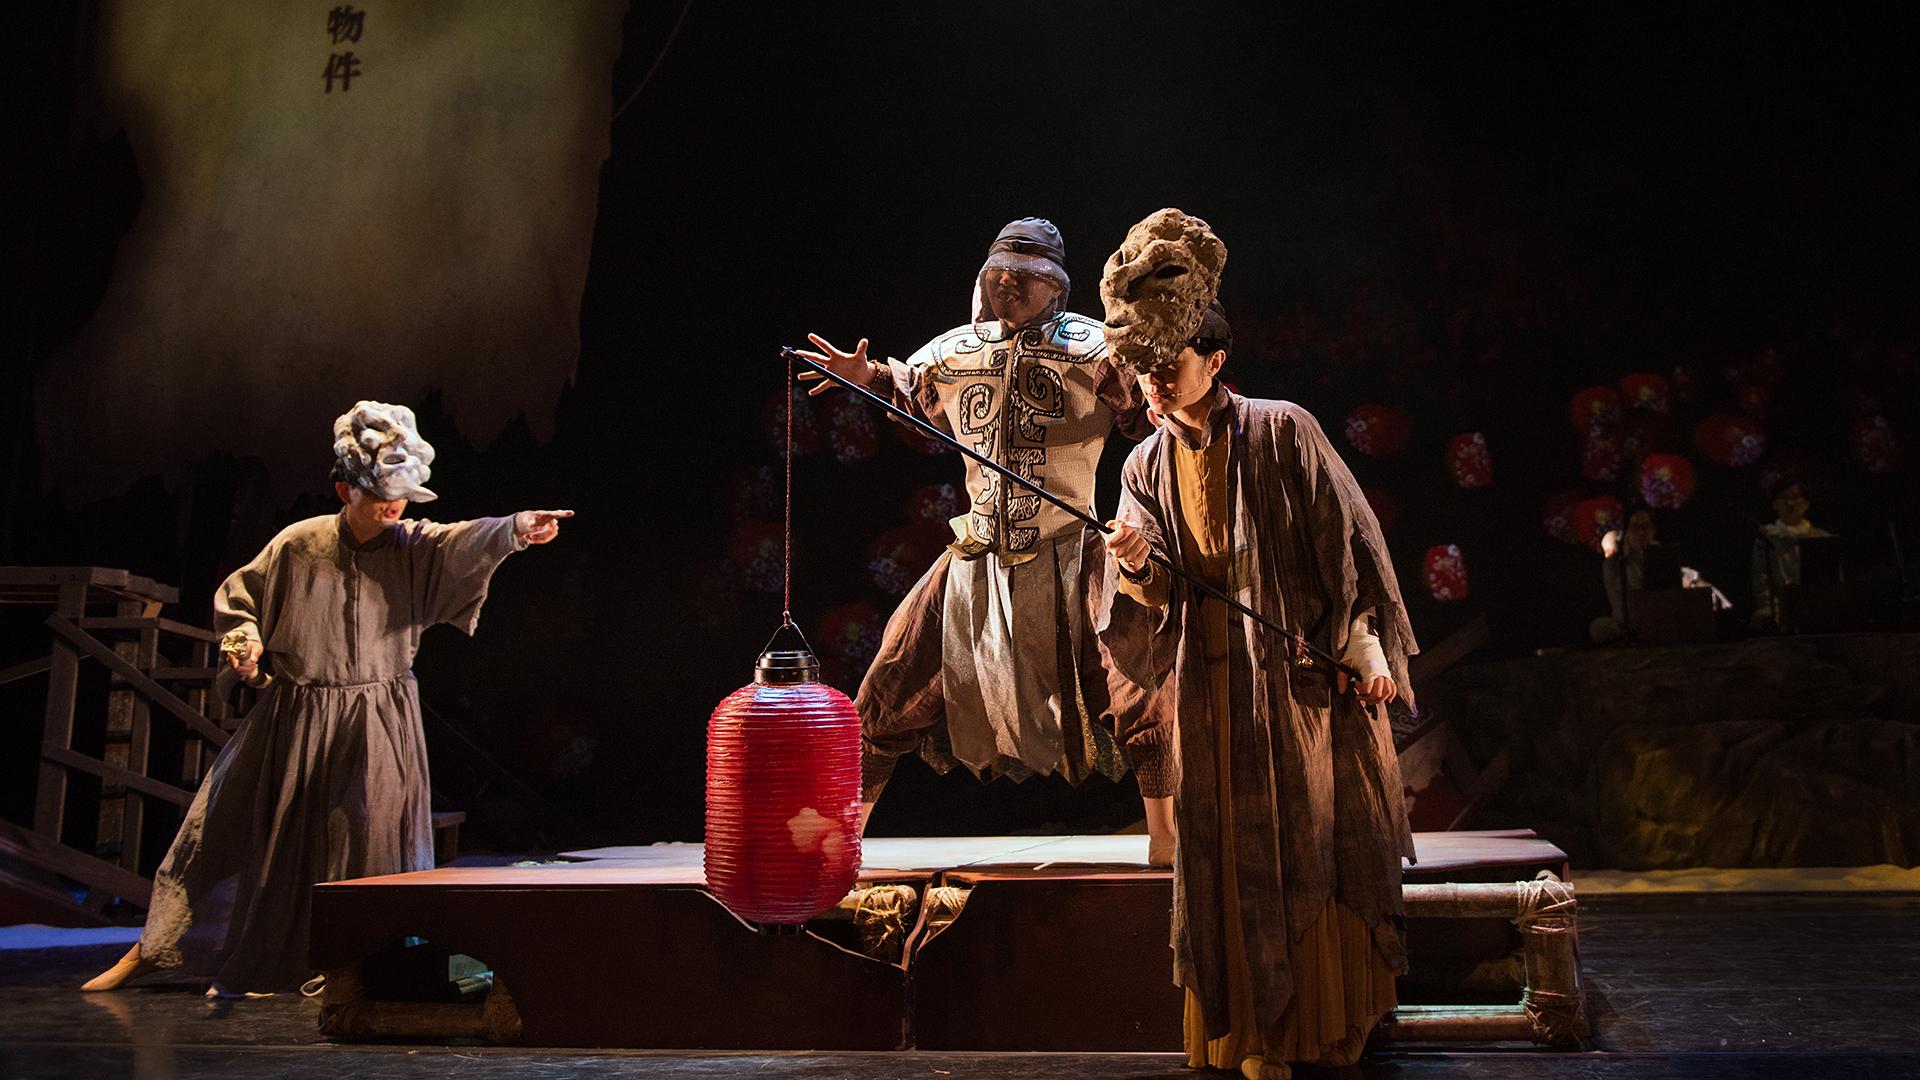 南北管神話音樂劇《蓬萊》新北首演,混搭樂風顛覆傳統,新創肢體全方位挑戰